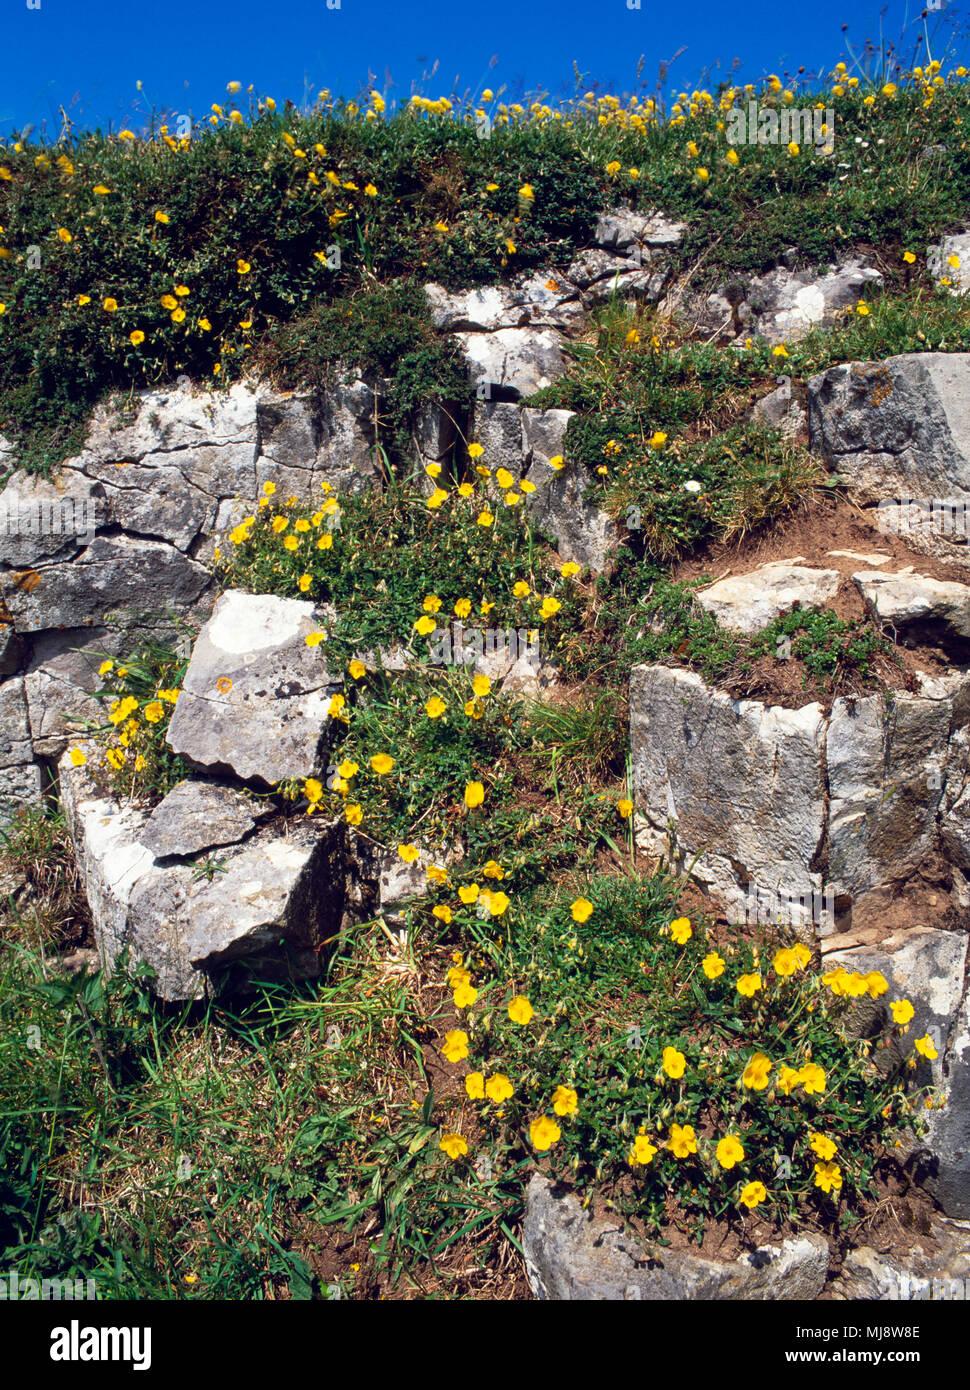 Rock commun-rose, Helianthemum nummularium, poussant sur affleurement calcaire orienté plein sud sur la Colline du GOP, Trelawnyd; Flintshire, au nord du Pays de Galles. De juin. Banque D'Images